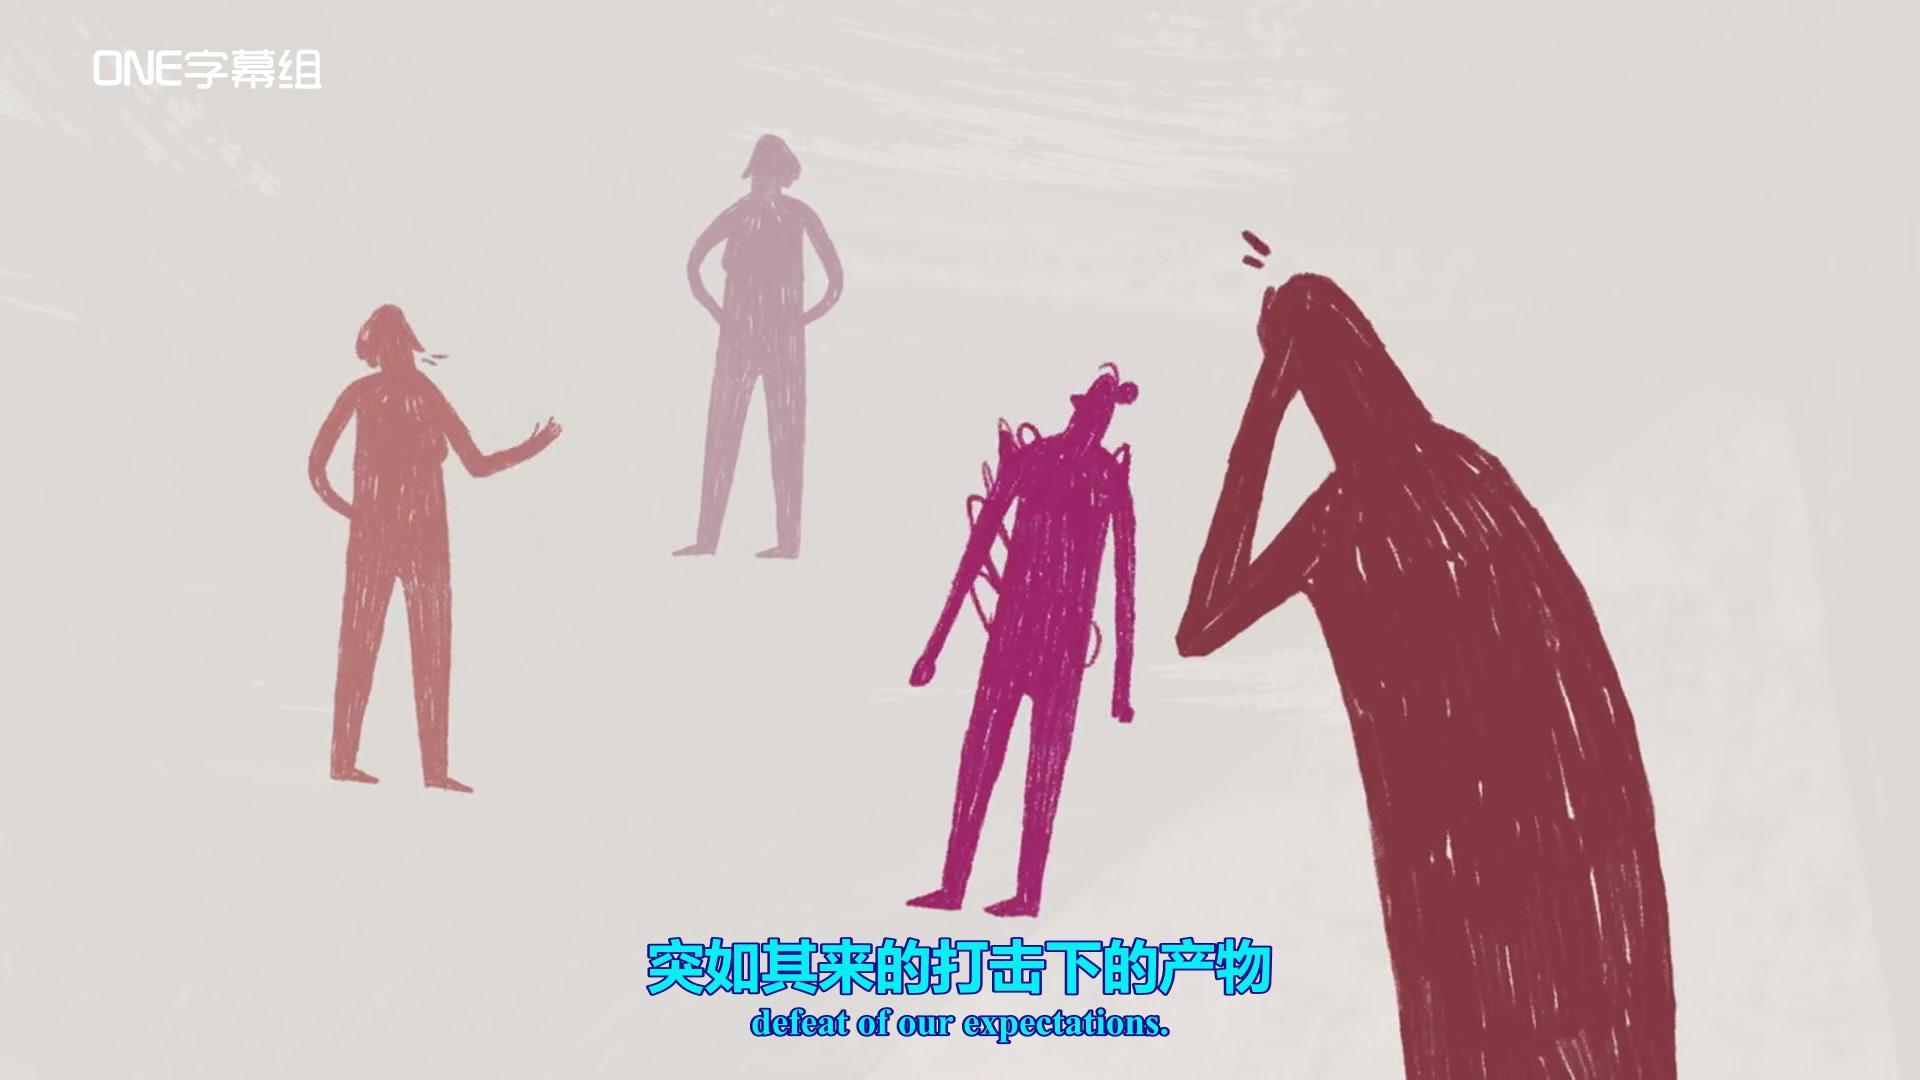 英文短片:生活总有不尽人意的时候,如何管理我们的怒气